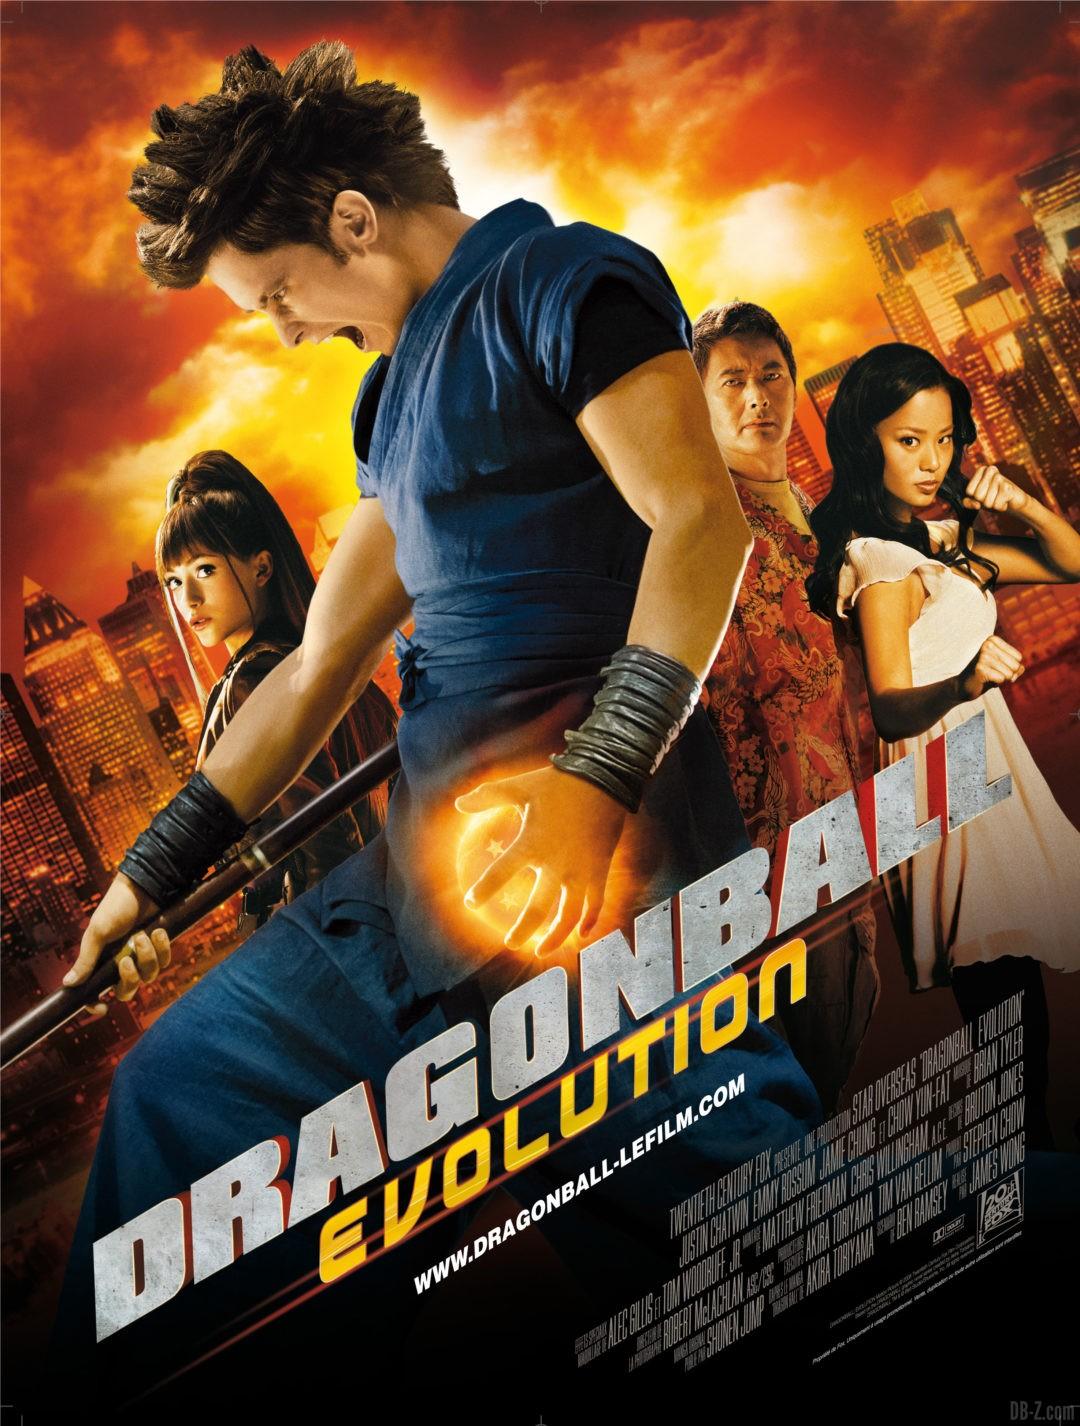 poster-dragon-ball-evolution